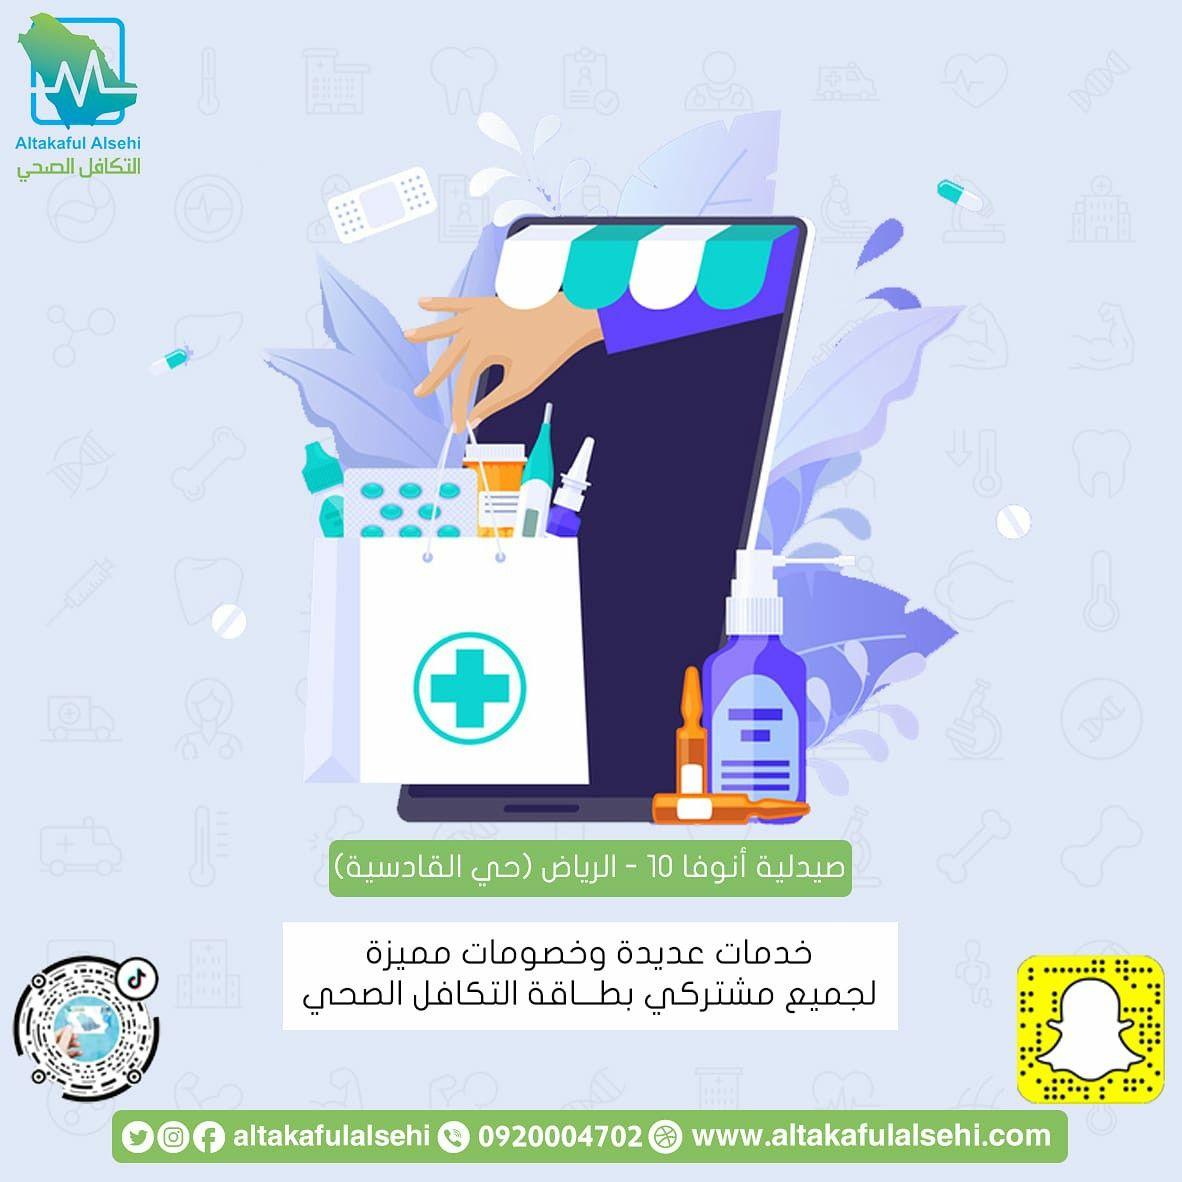 أفضل المستحضرات التجميلية نقدمها لكم بخصم 10 من أنوفا 10 في الرياض حي القادسية تجميل بشرة مستحضرات تجميل Health Insurance Map 10 Things